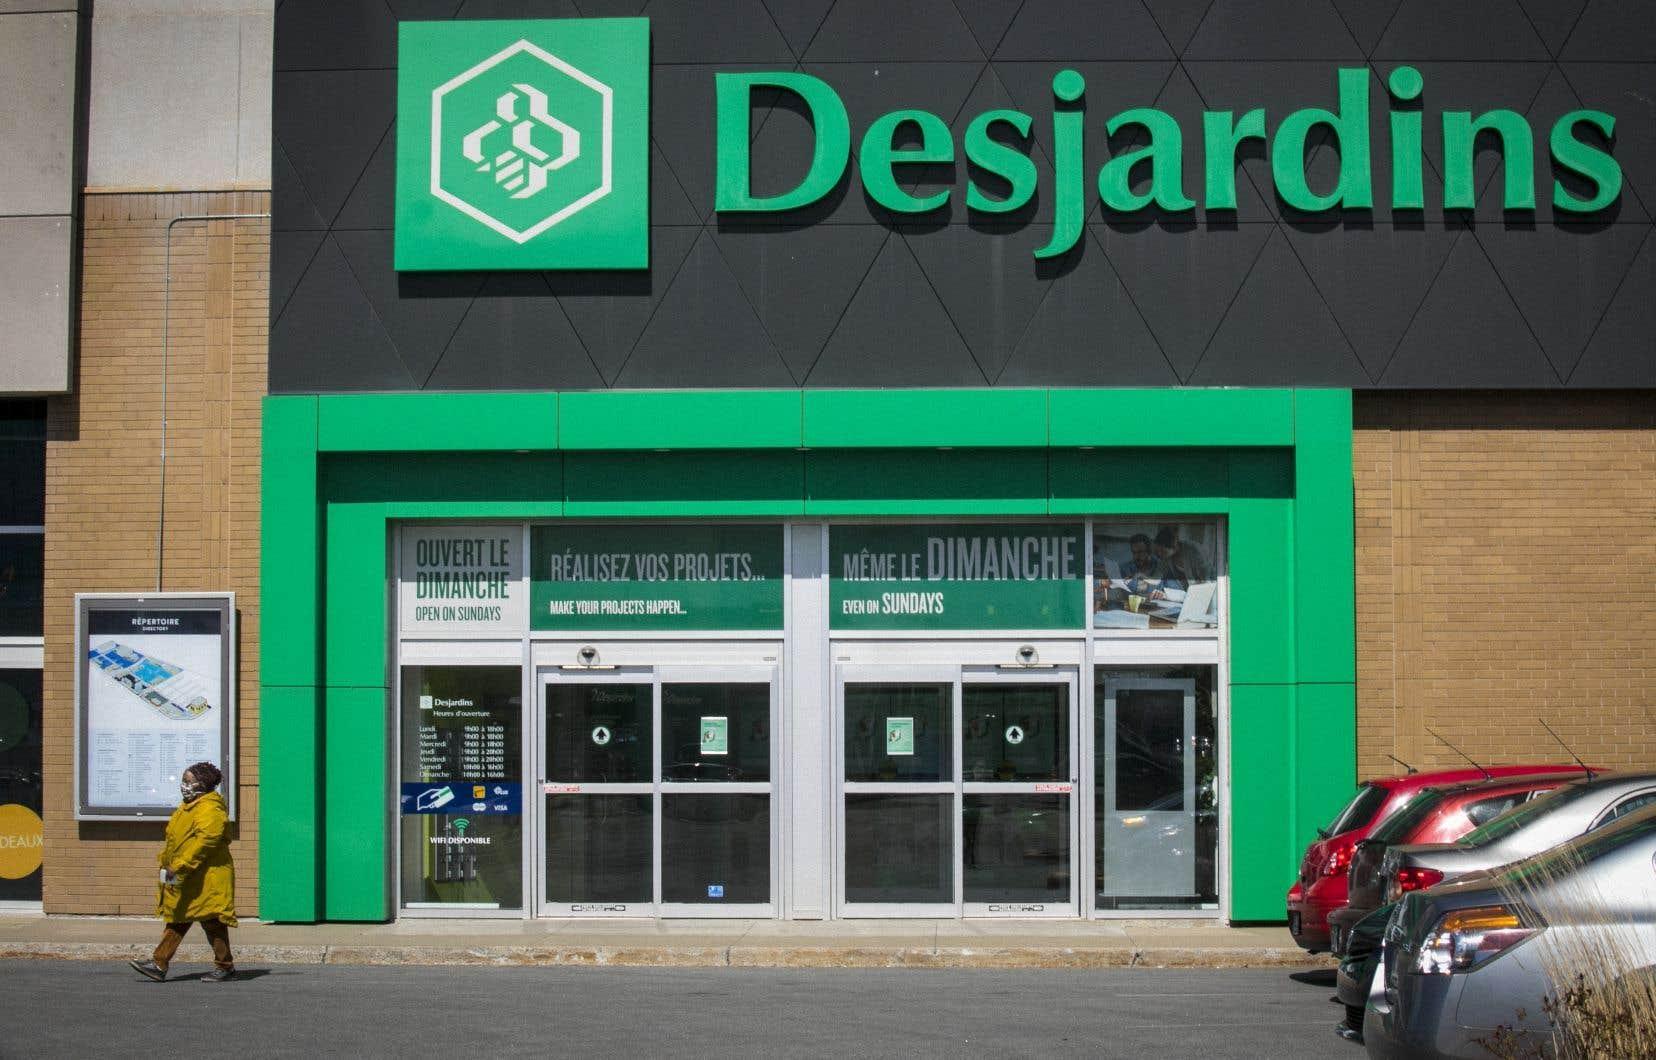 <p>Le président et chef de la direction du groupe coopératif financier, Guy Cormier, a expliqué dans un communiqué que cette acquisition viendrait s'ajouter à l'«offre concurrentielle» de Desjardins en matière de financement hypothécaire.</p>